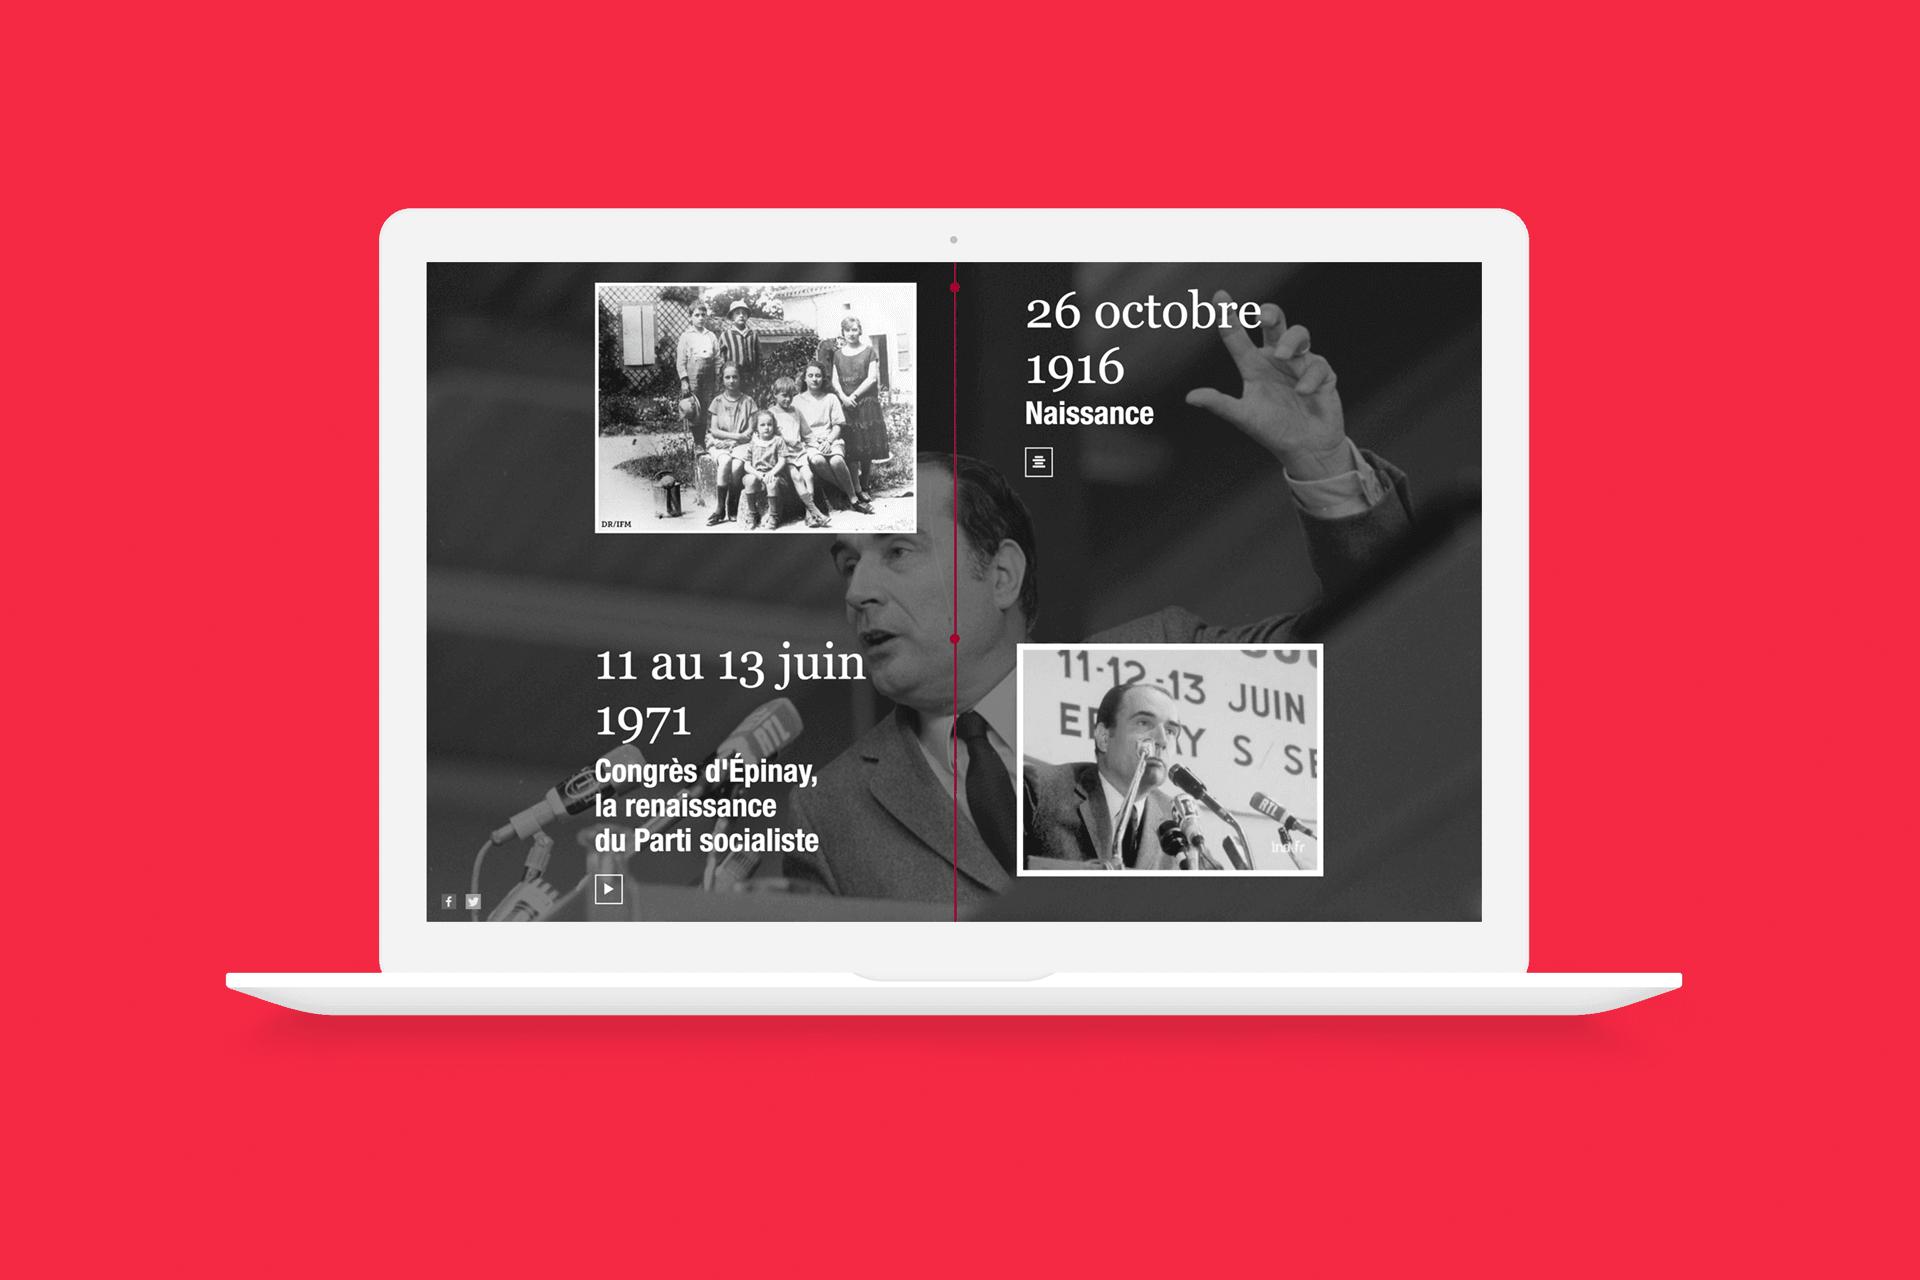 Timeline sur les 100 ans de la mort de François Mitterrand - Mise en situation du site